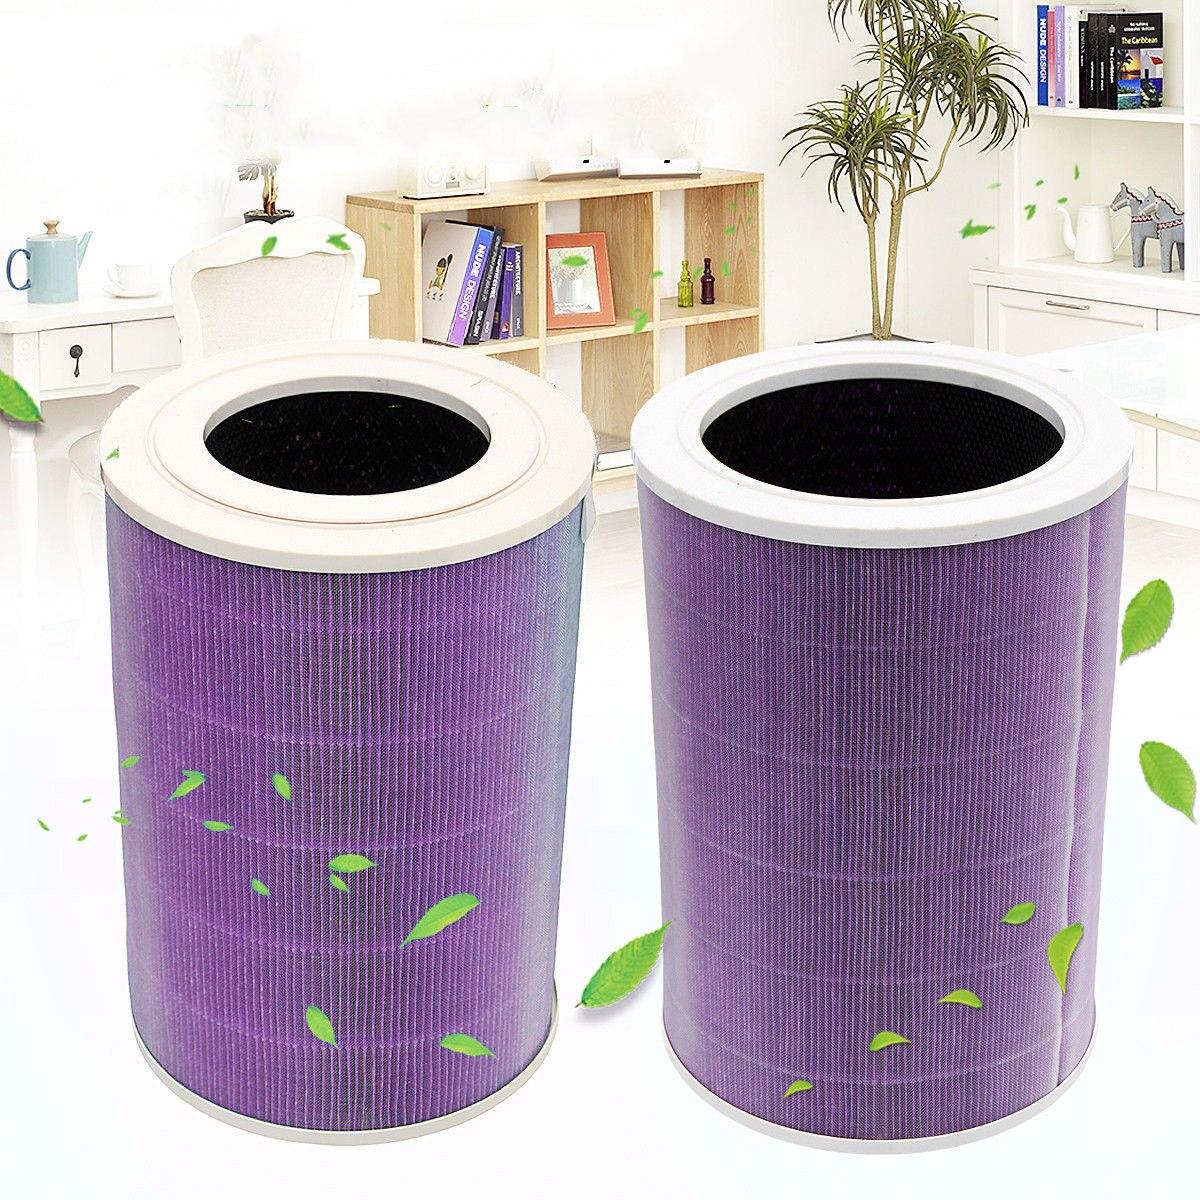 Nouveau 200*200*288mm Violet Air cartouche de filtre Filtre Élément qualité supérieure convient pour Xiao mi mi purificateur d'air 1/ 2/Pro/2 S